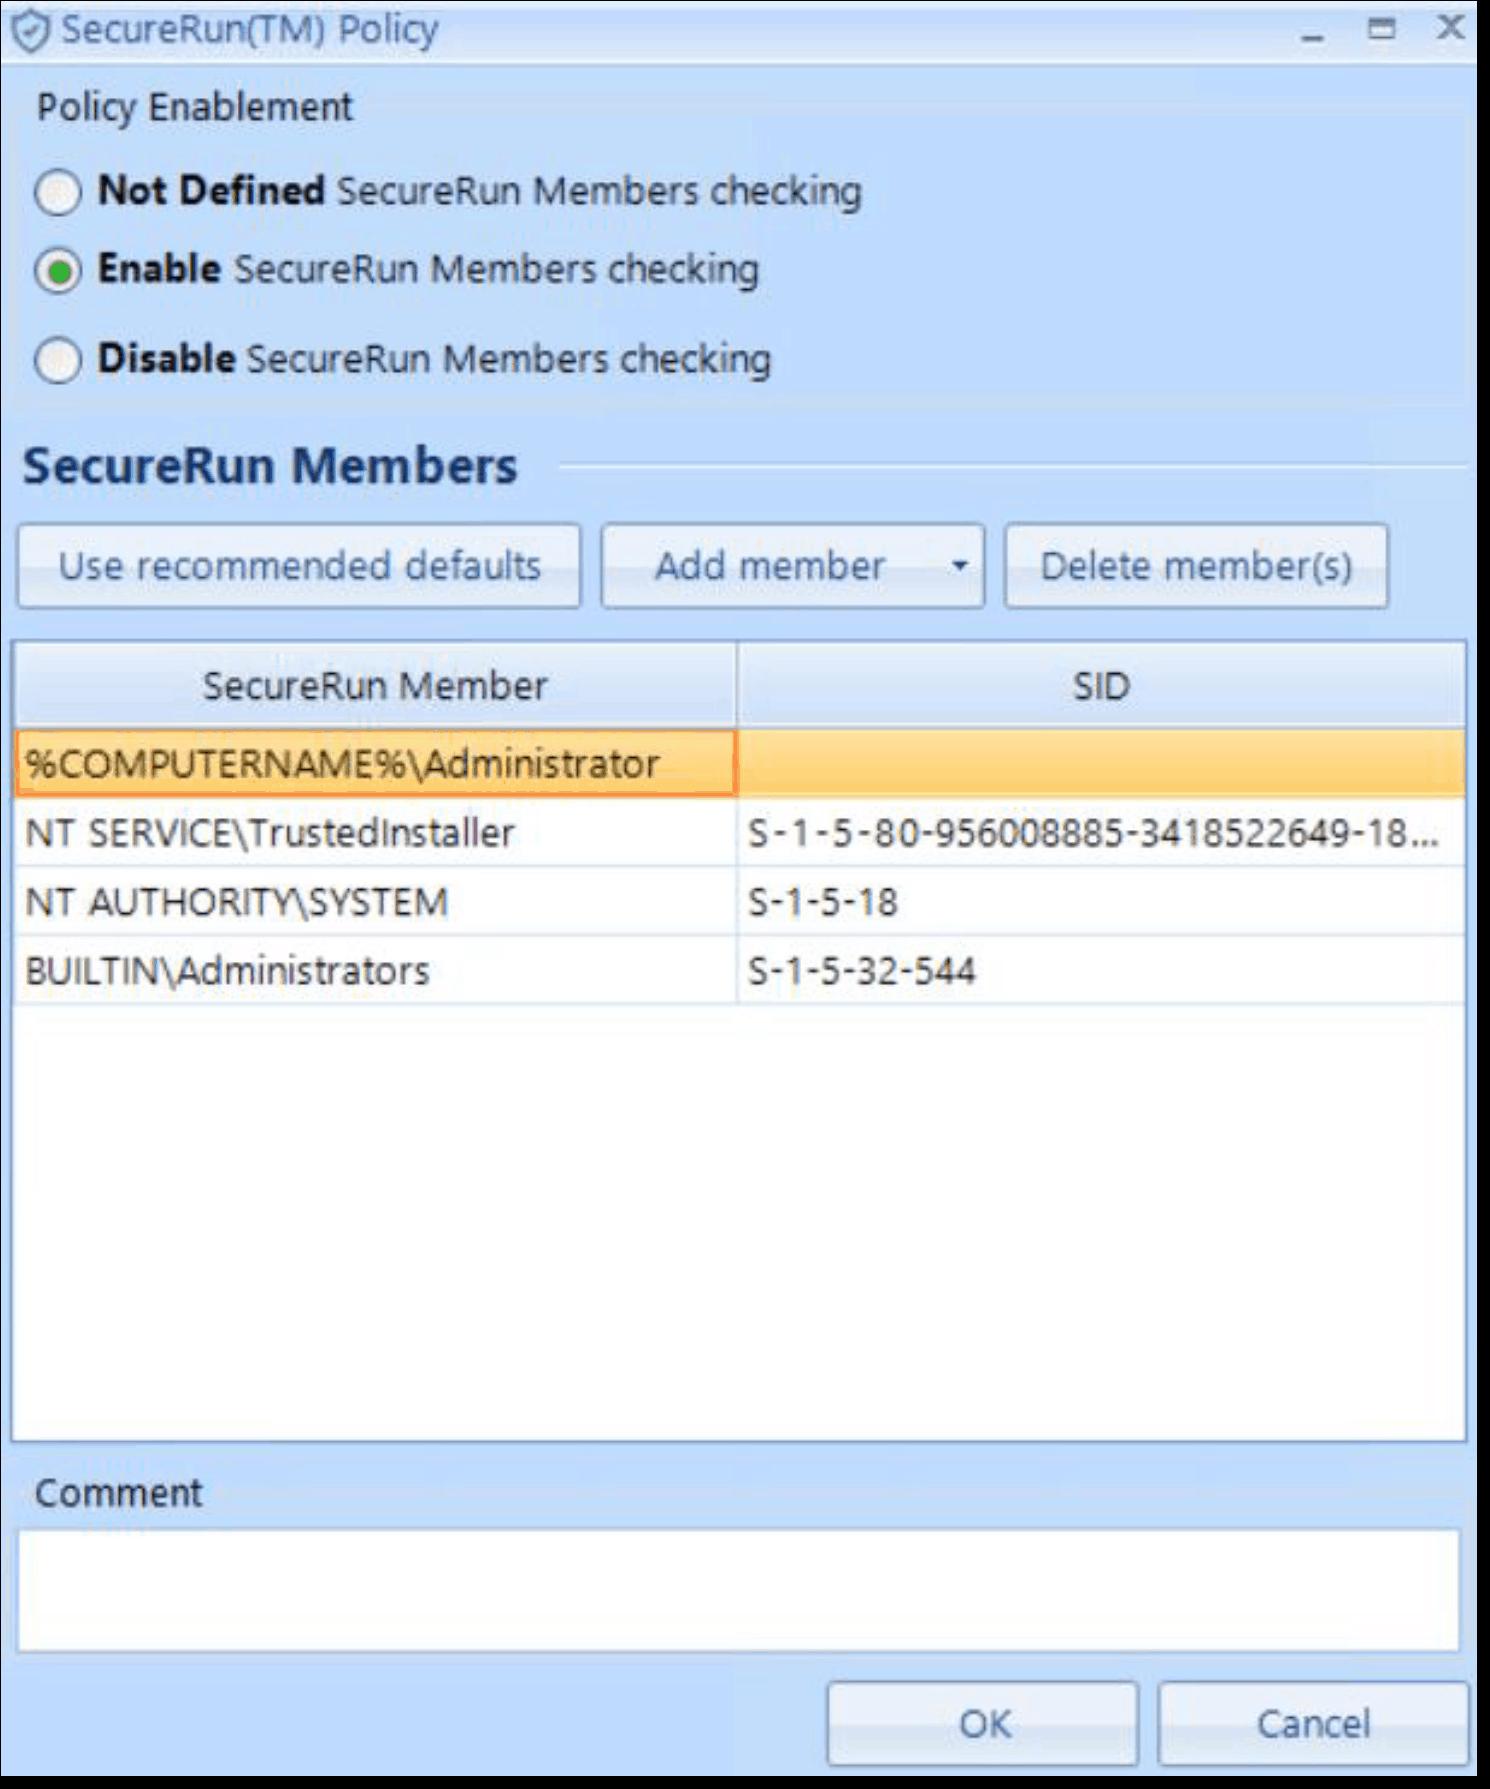 SecureRun Policy